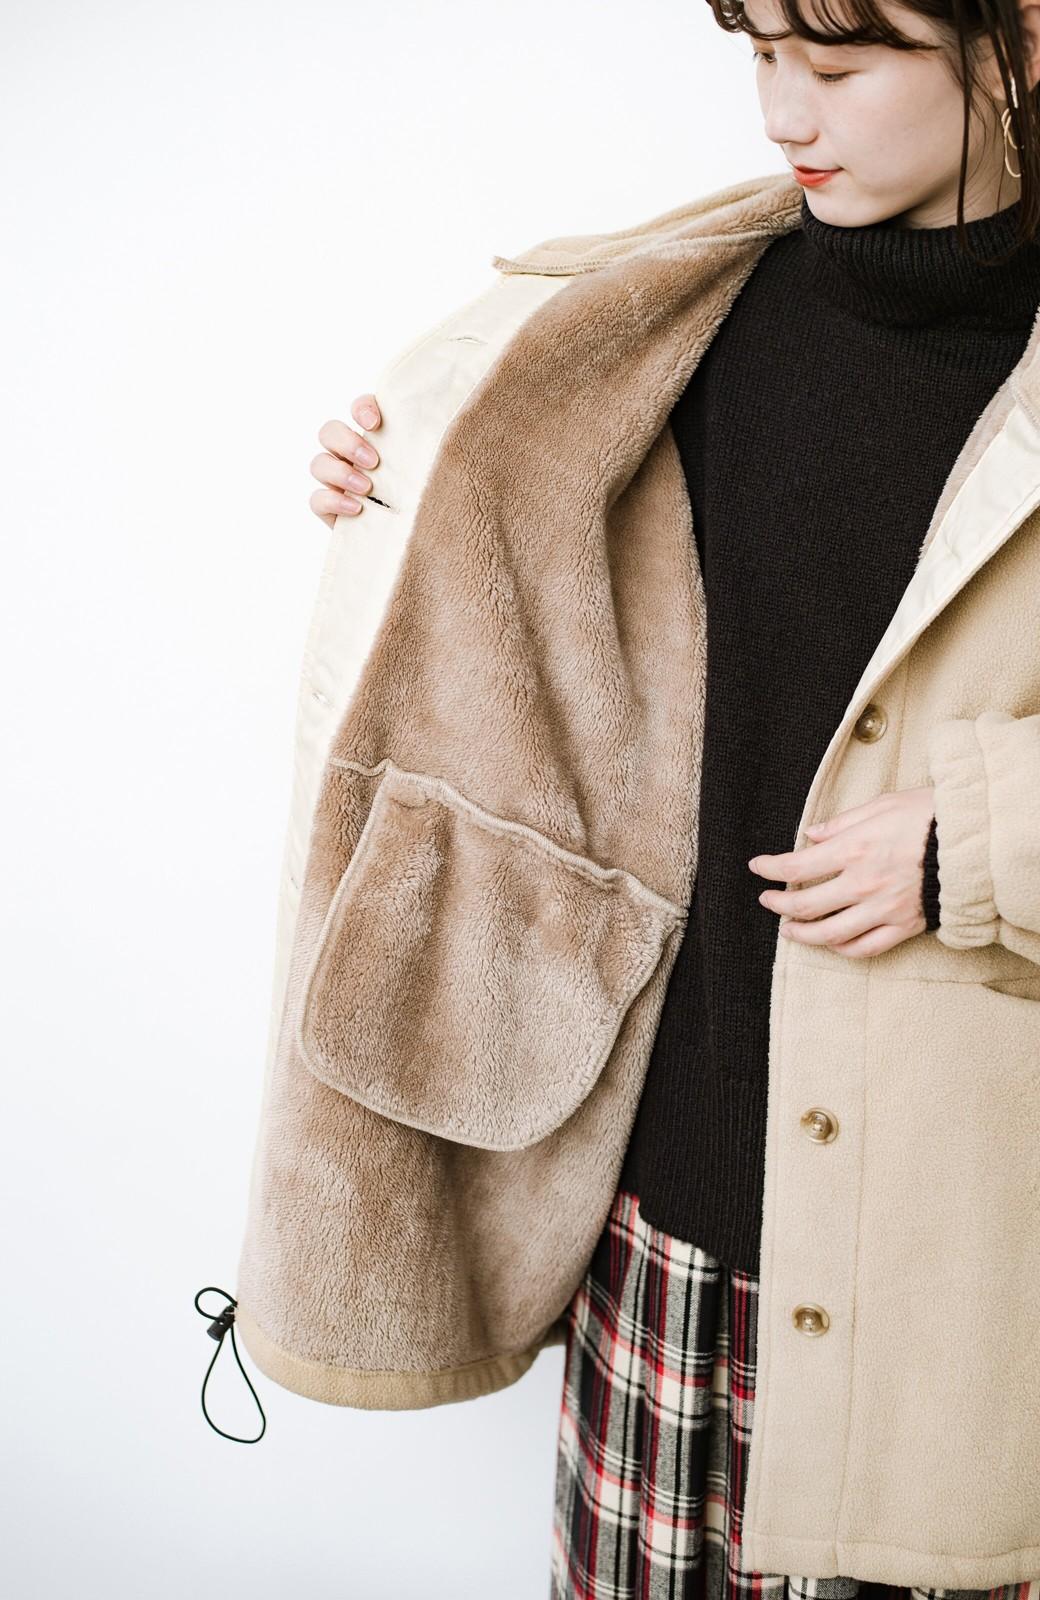 haco! さっと羽織って今っぽい ゆるっとサイズがかわいい裏起毛のあったかジャケットby Z of zampa Organic <ライトベージュ>の商品写真10